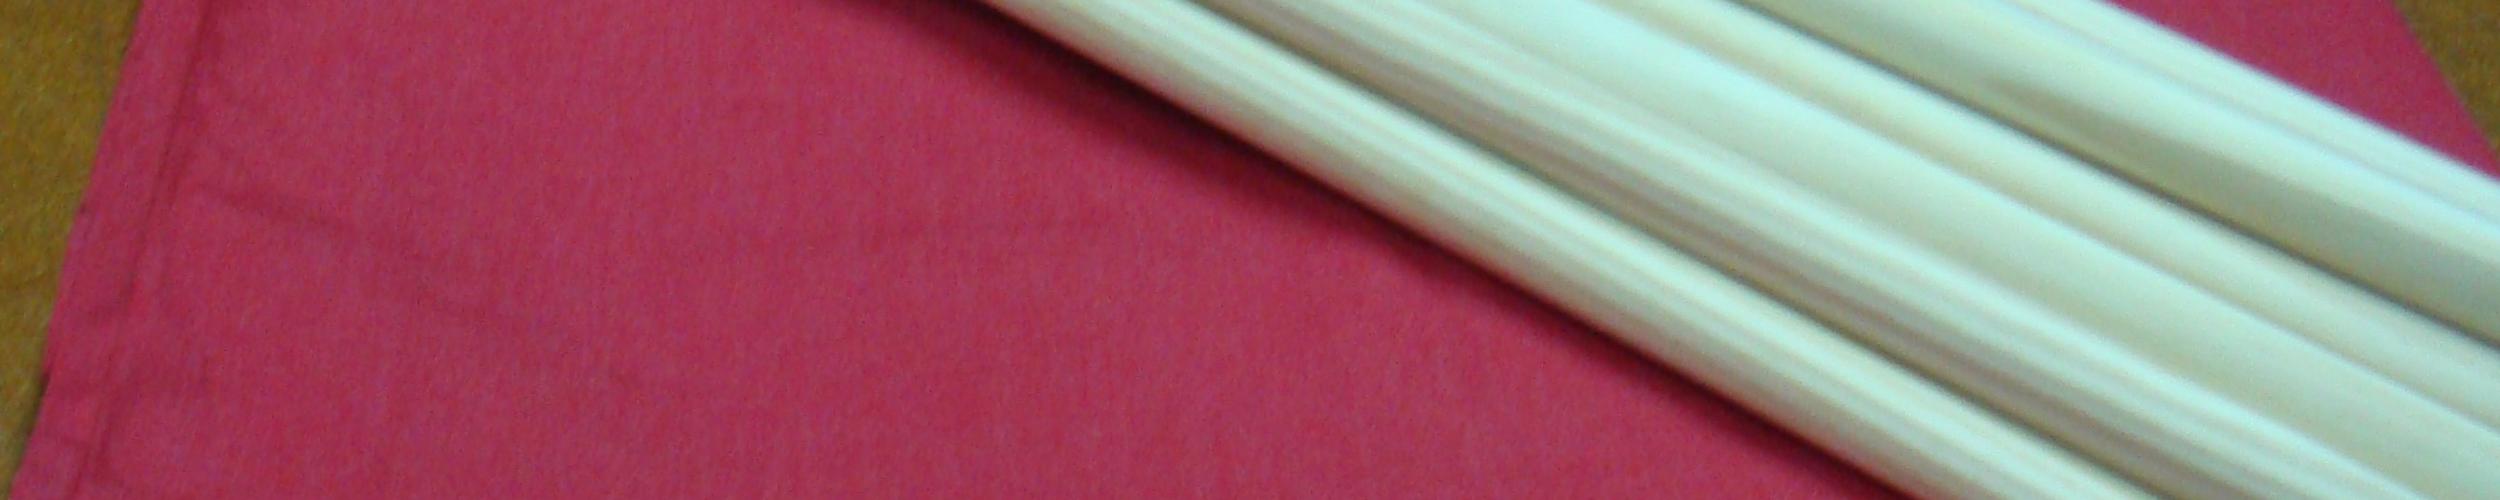 Windscherm Rood 6 meter, Stockactie nummer 32